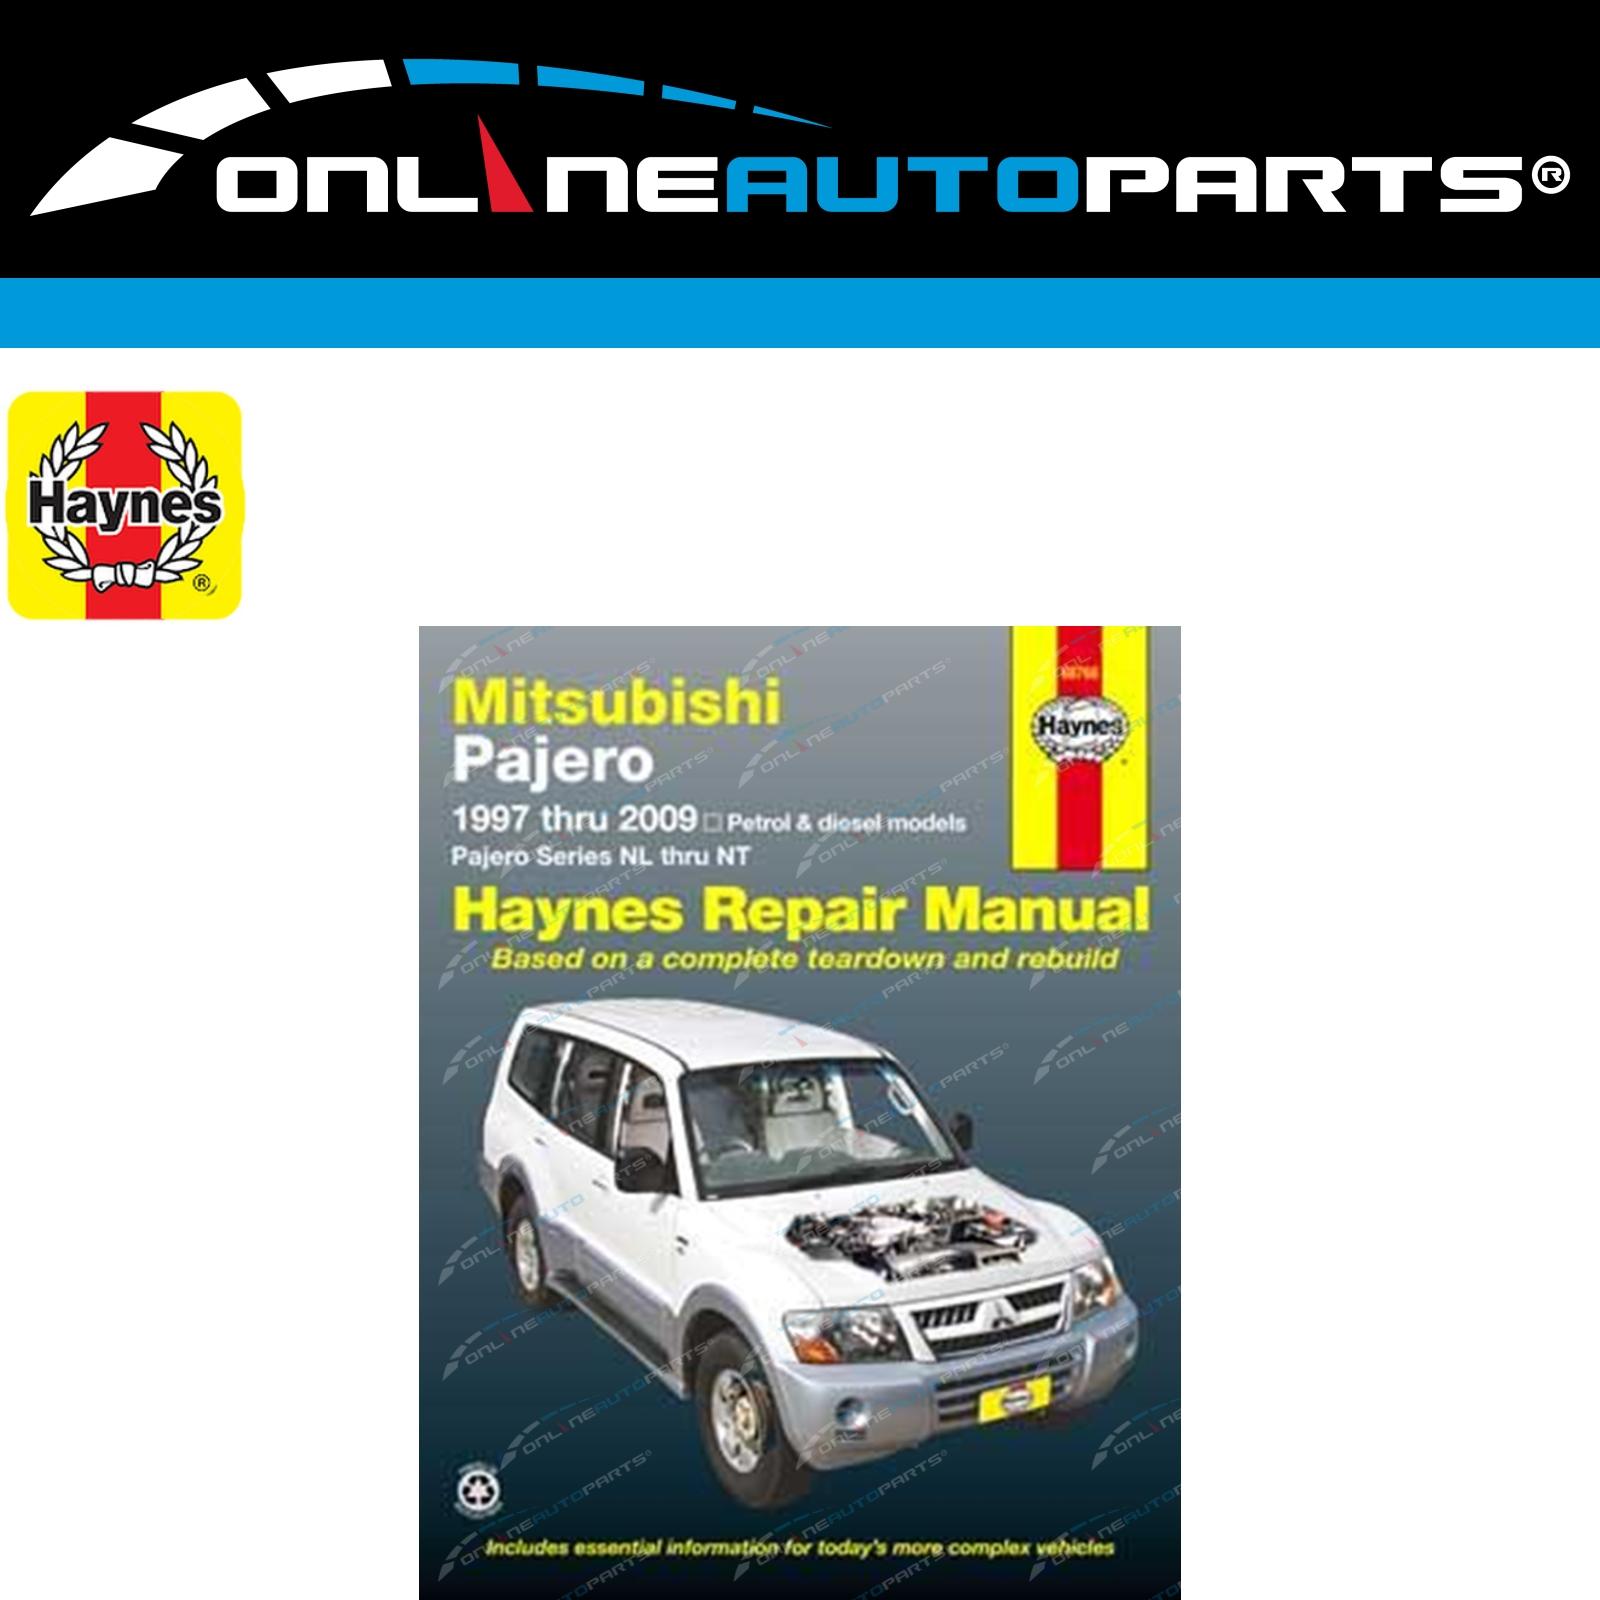 Haynes Workshop Manual Mitsubishi Pajero NL to NT 1997-2014 Service /& Repair